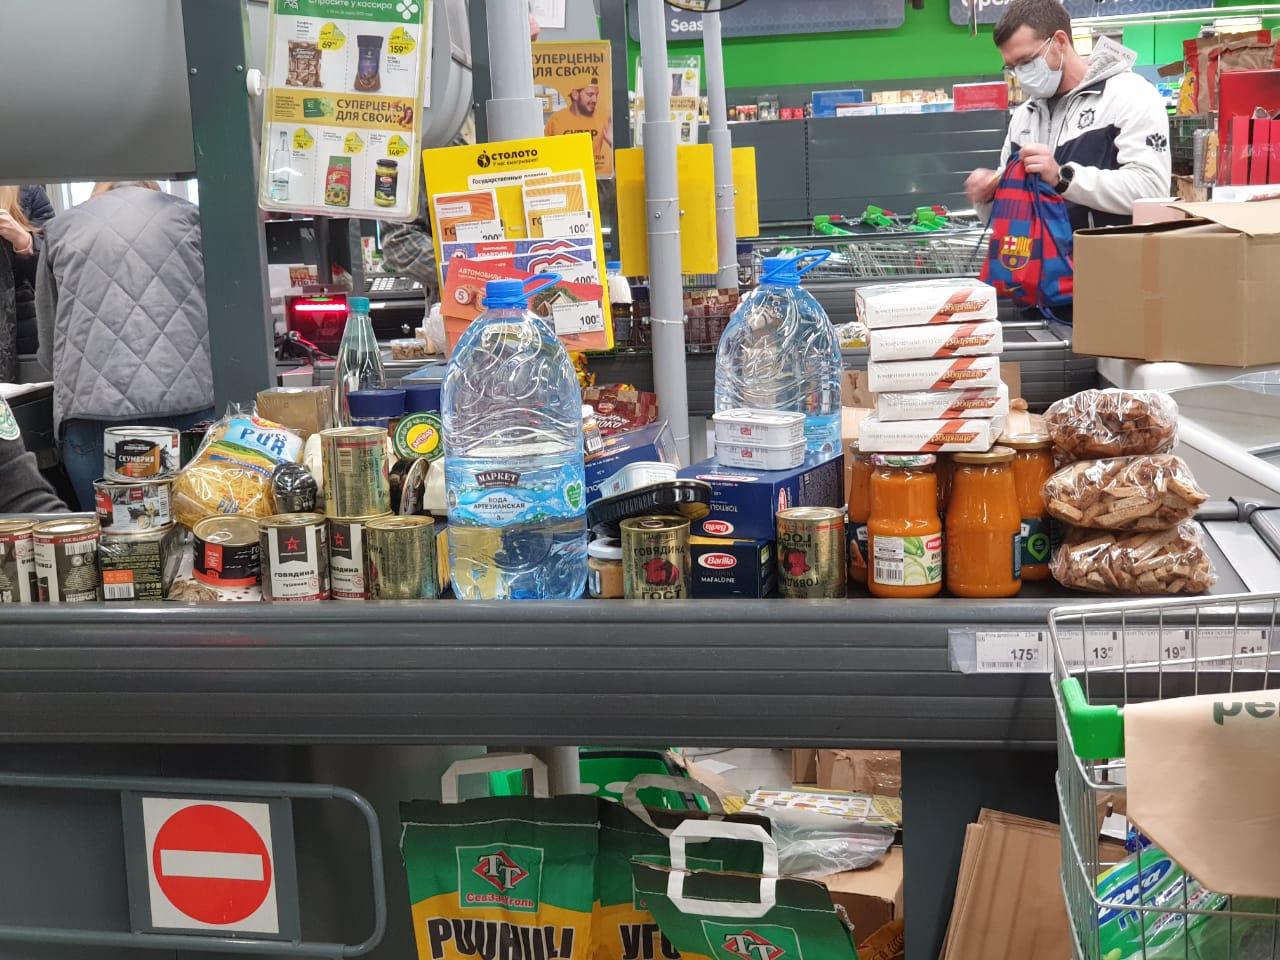 Грандиозная закупка в одном из магазинов Сочи, 28 марта. Фото: Анна Романова-Колосовская